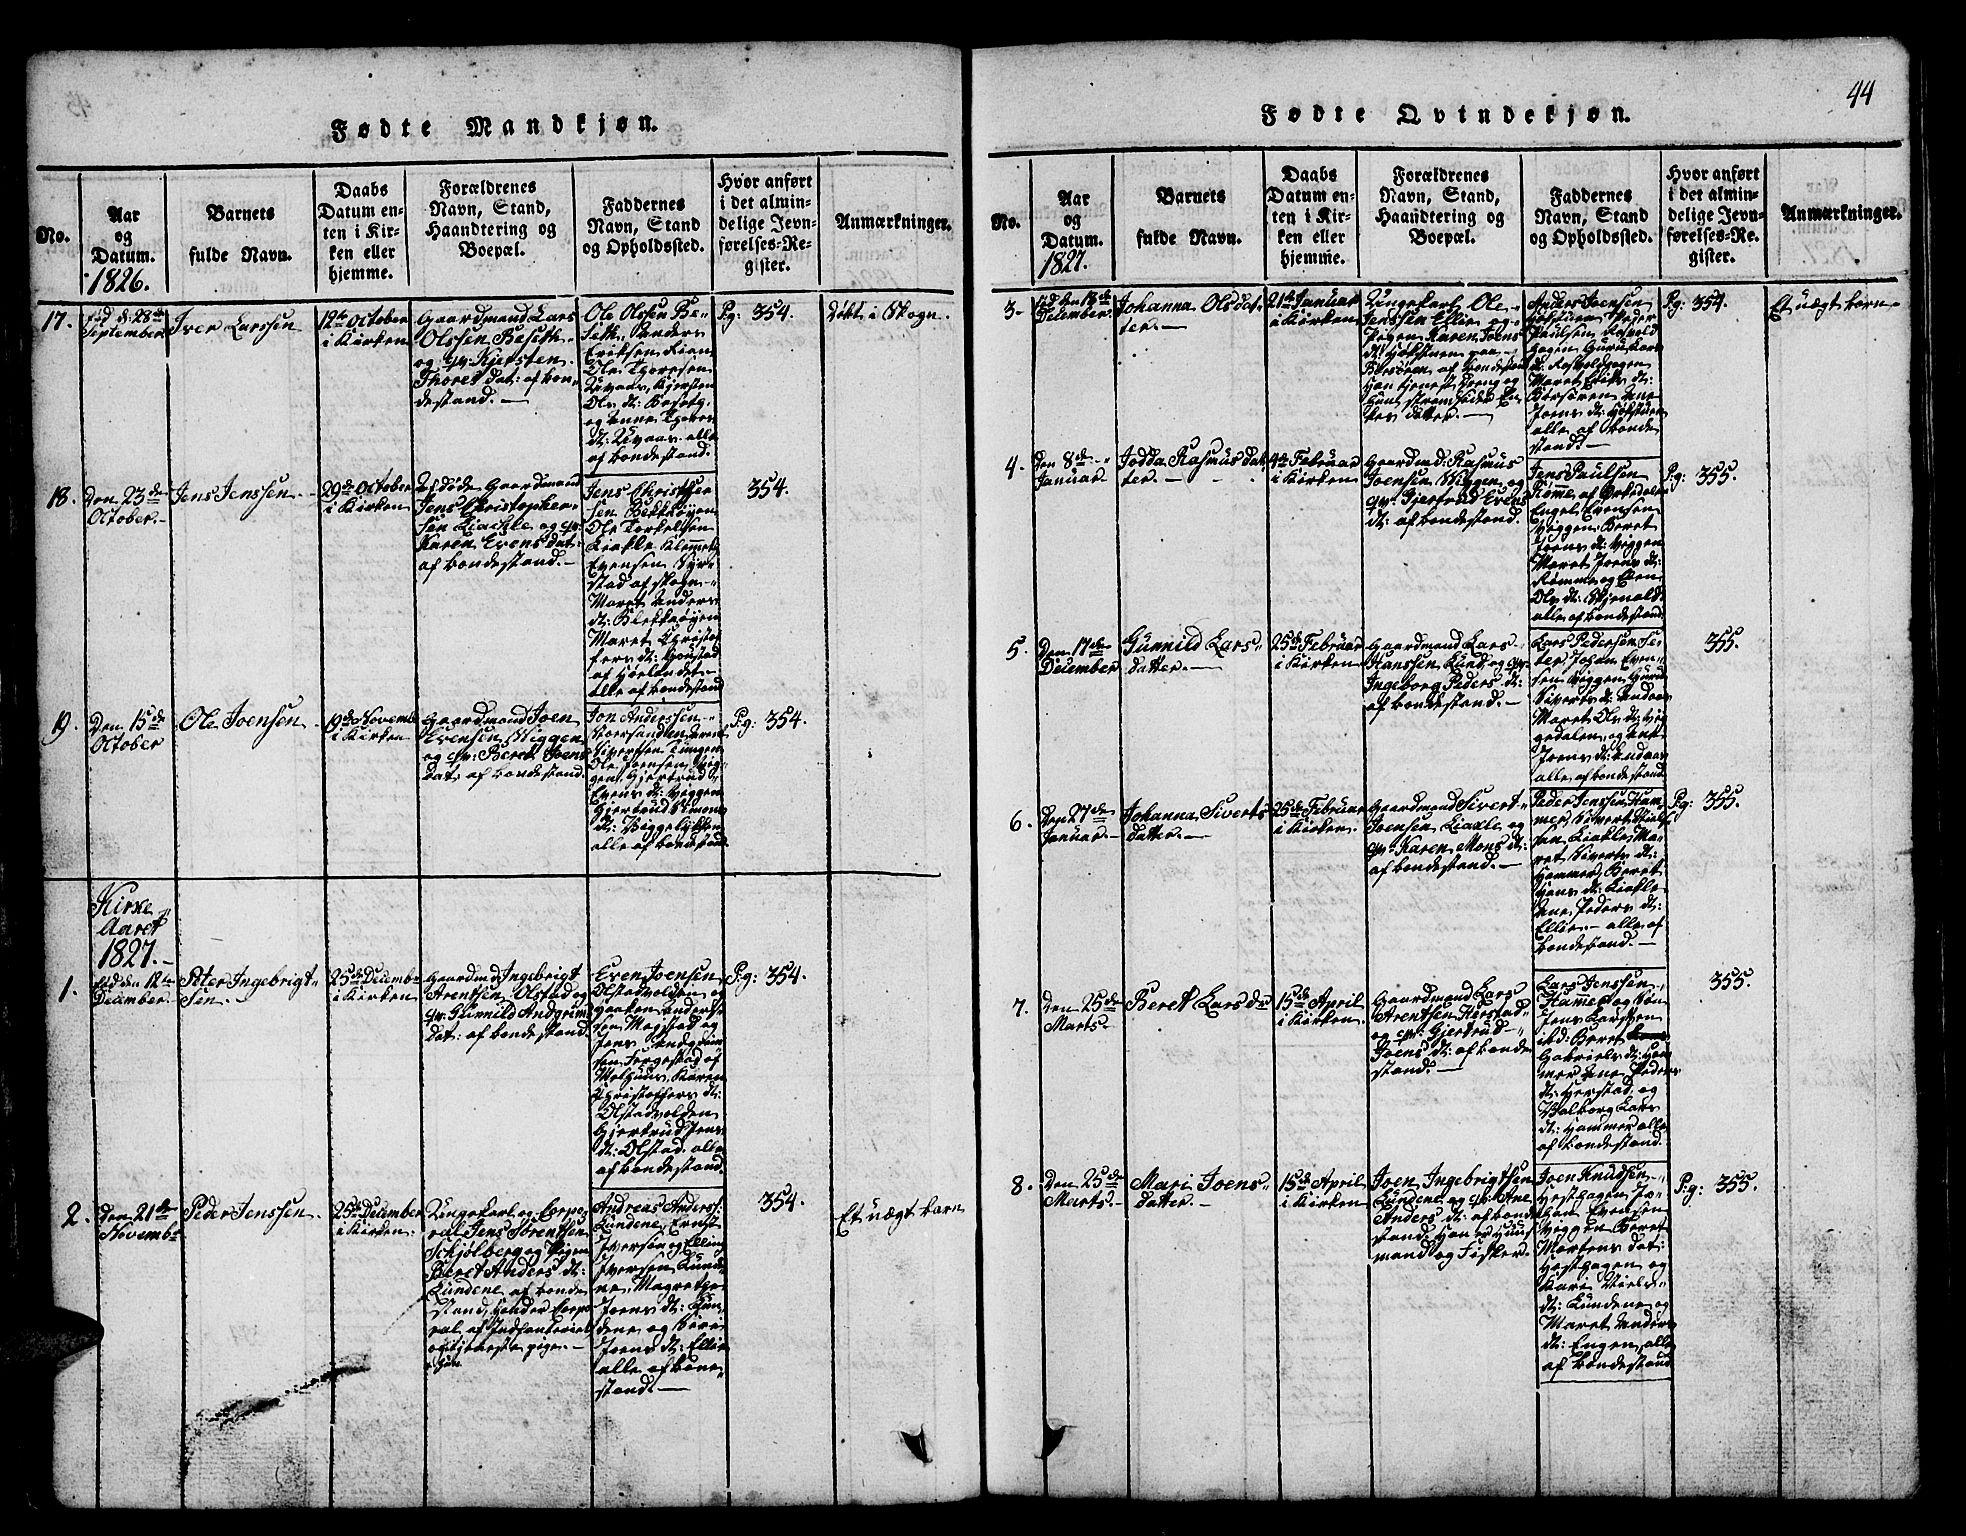 SAT, Ministerialprotokoller, klokkerbøker og fødselsregistre - Sør-Trøndelag, 665/L0776: Klokkerbok nr. 665C01, 1817-1837, s. 44